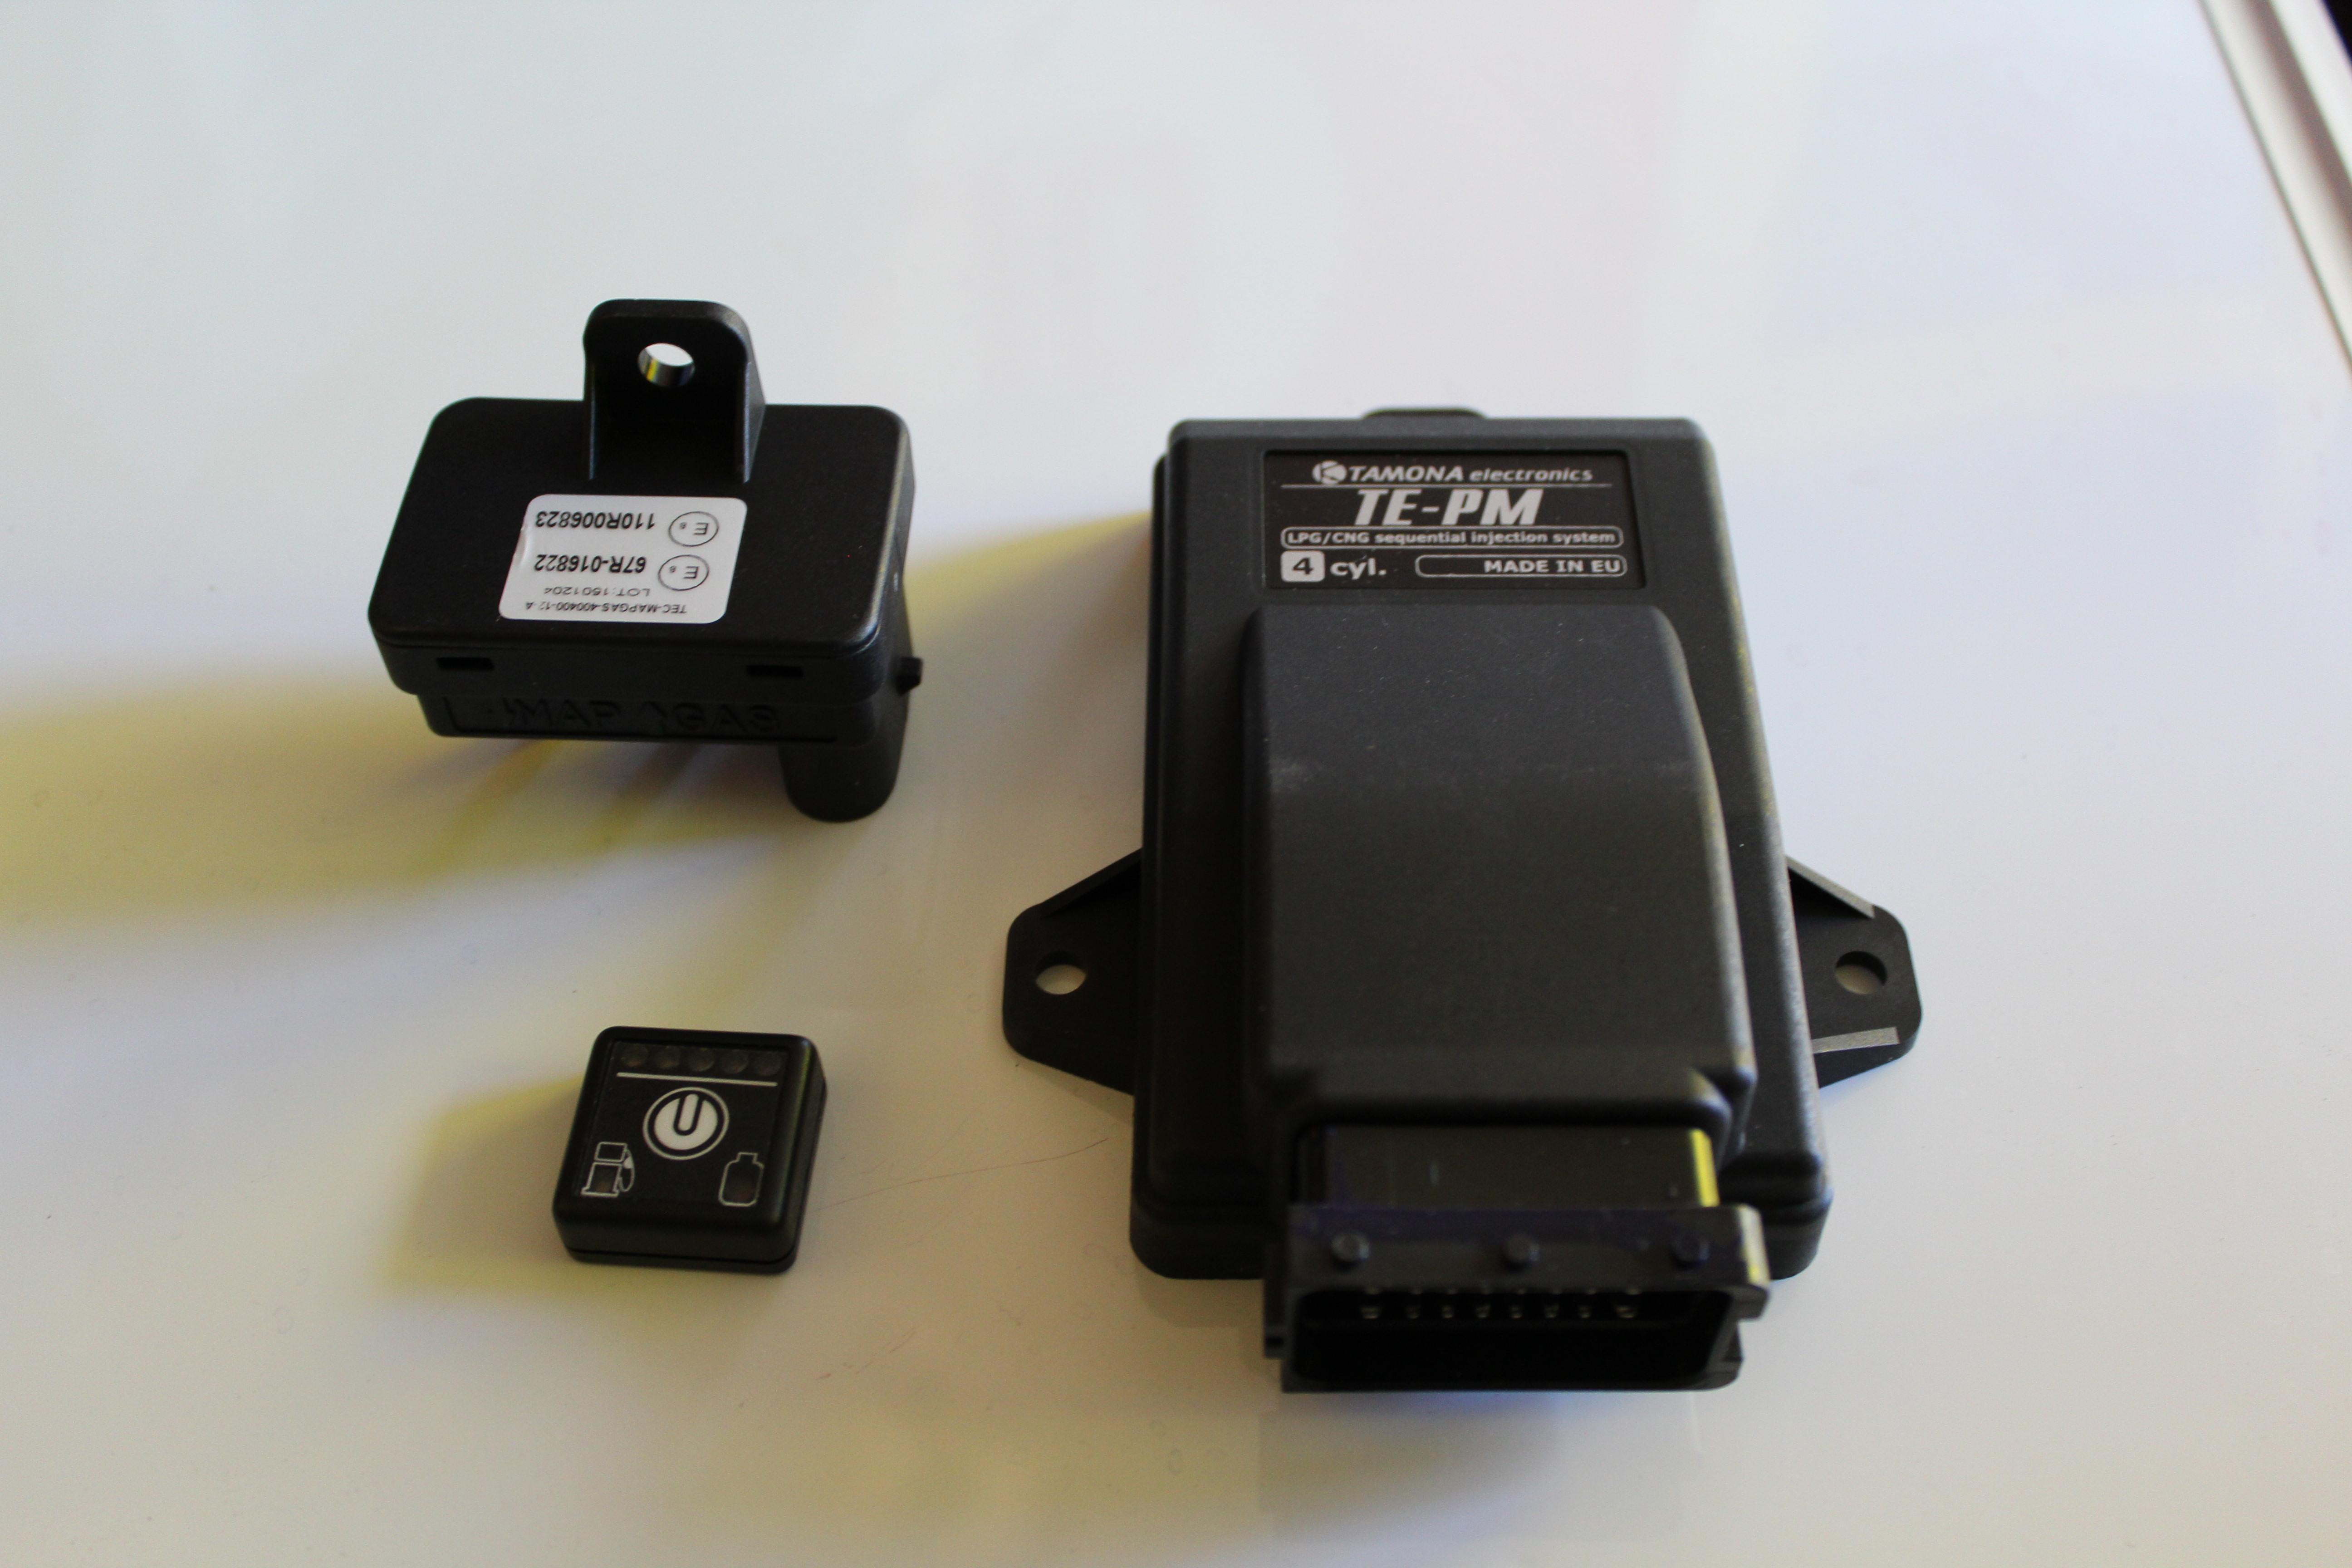 Блок Управления Tamona TE PM, кнопка управления, map sensor